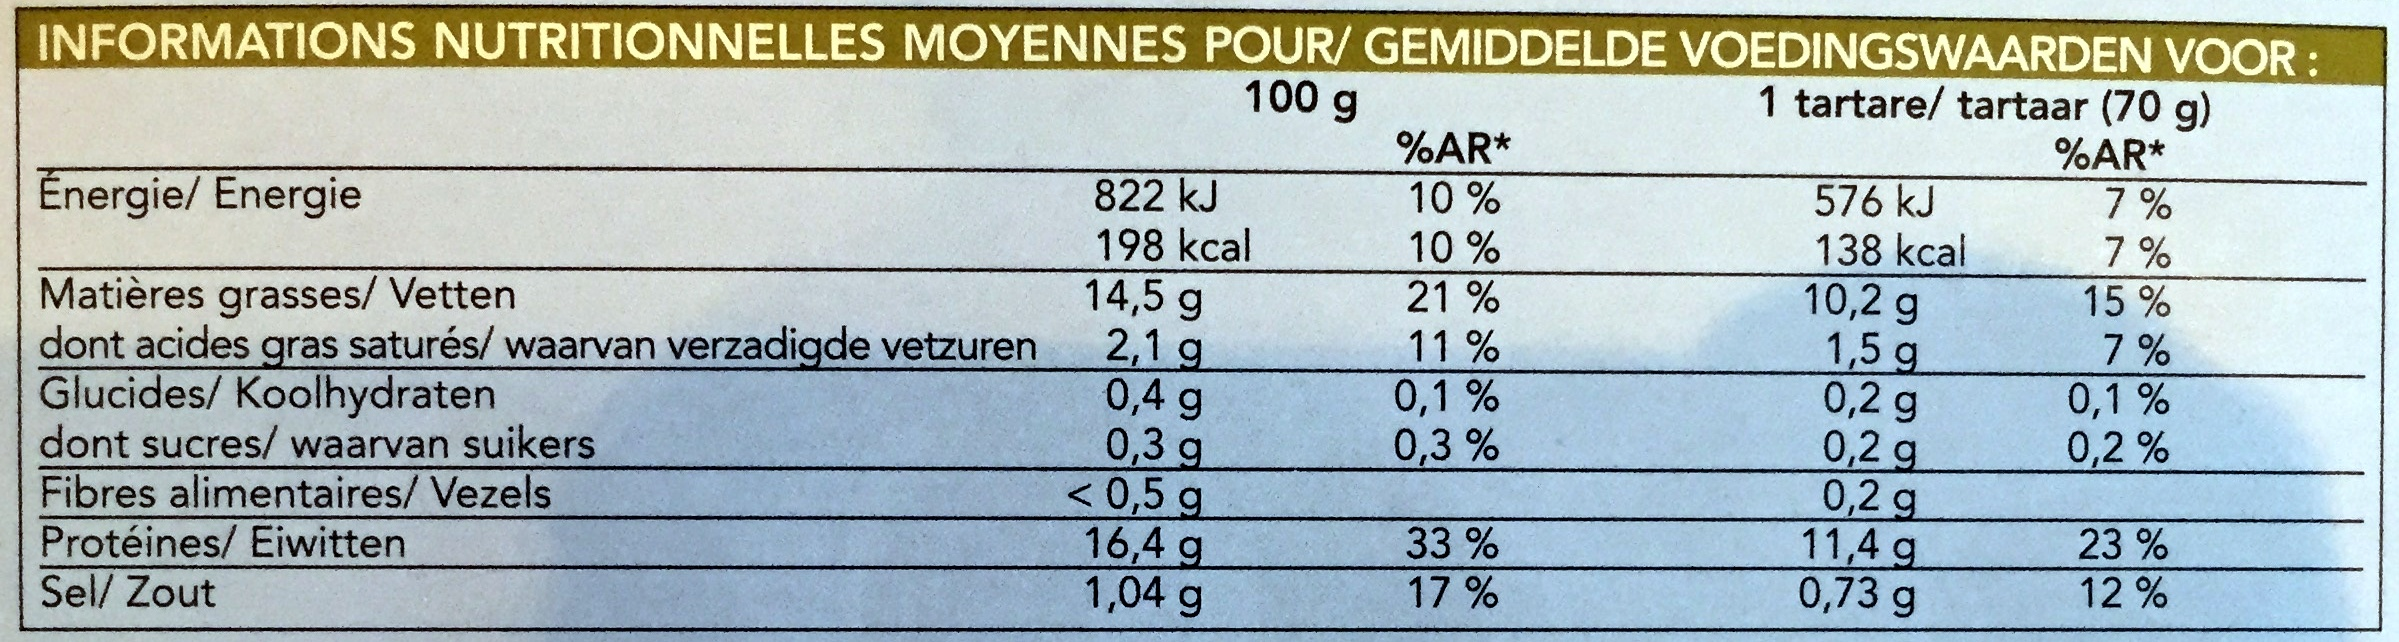 4 tartares de saumon à la ciboulette - Voedingswaarden - fr